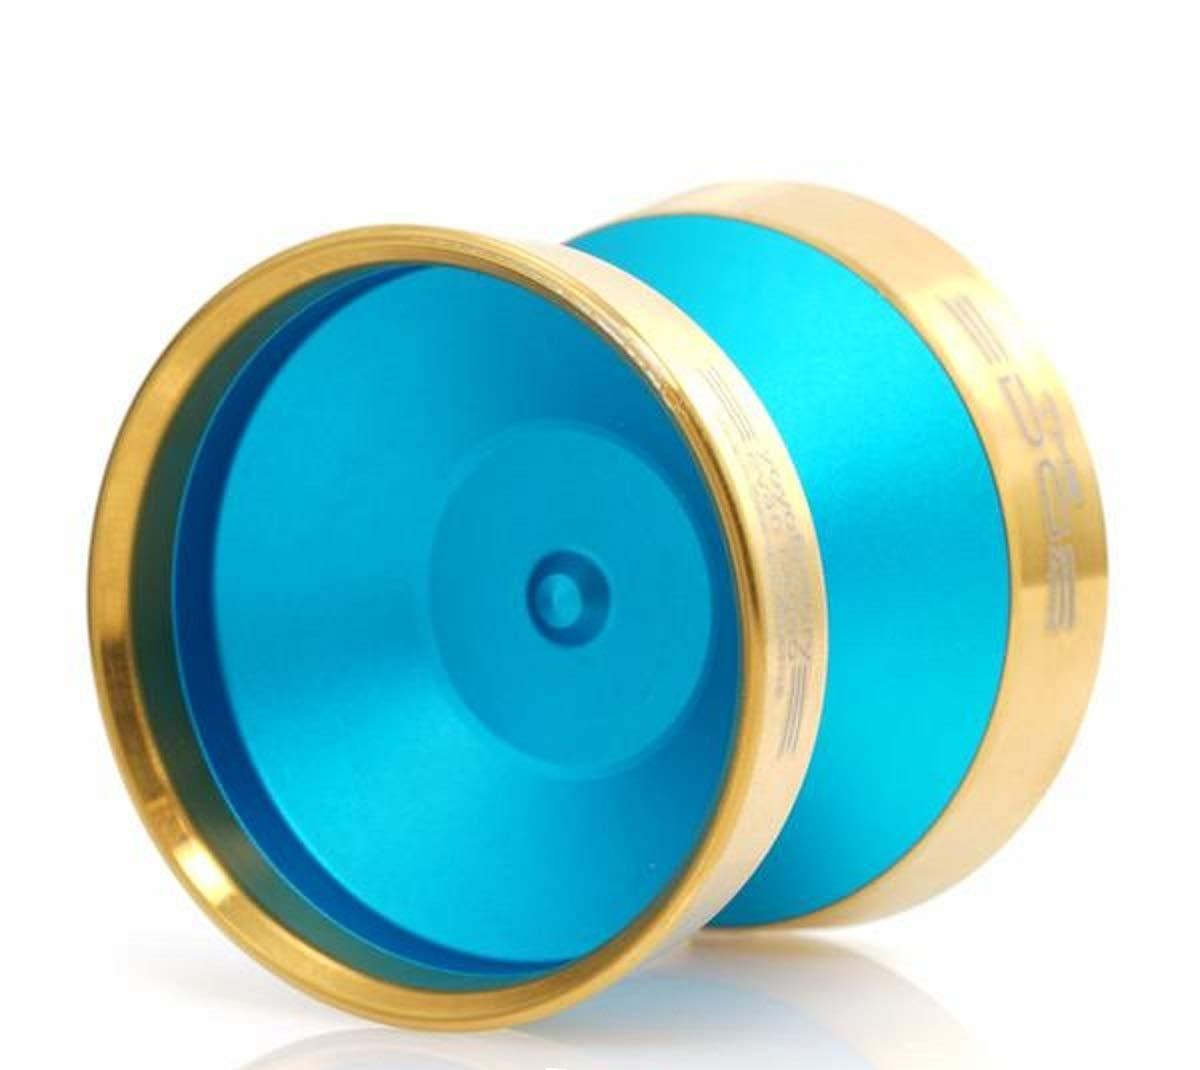 YoYoFactory Edge Beyond Yo-Yo - World Champion Evan Nagao Signature Yo-Yo! (Aqua w/Gold Rim)